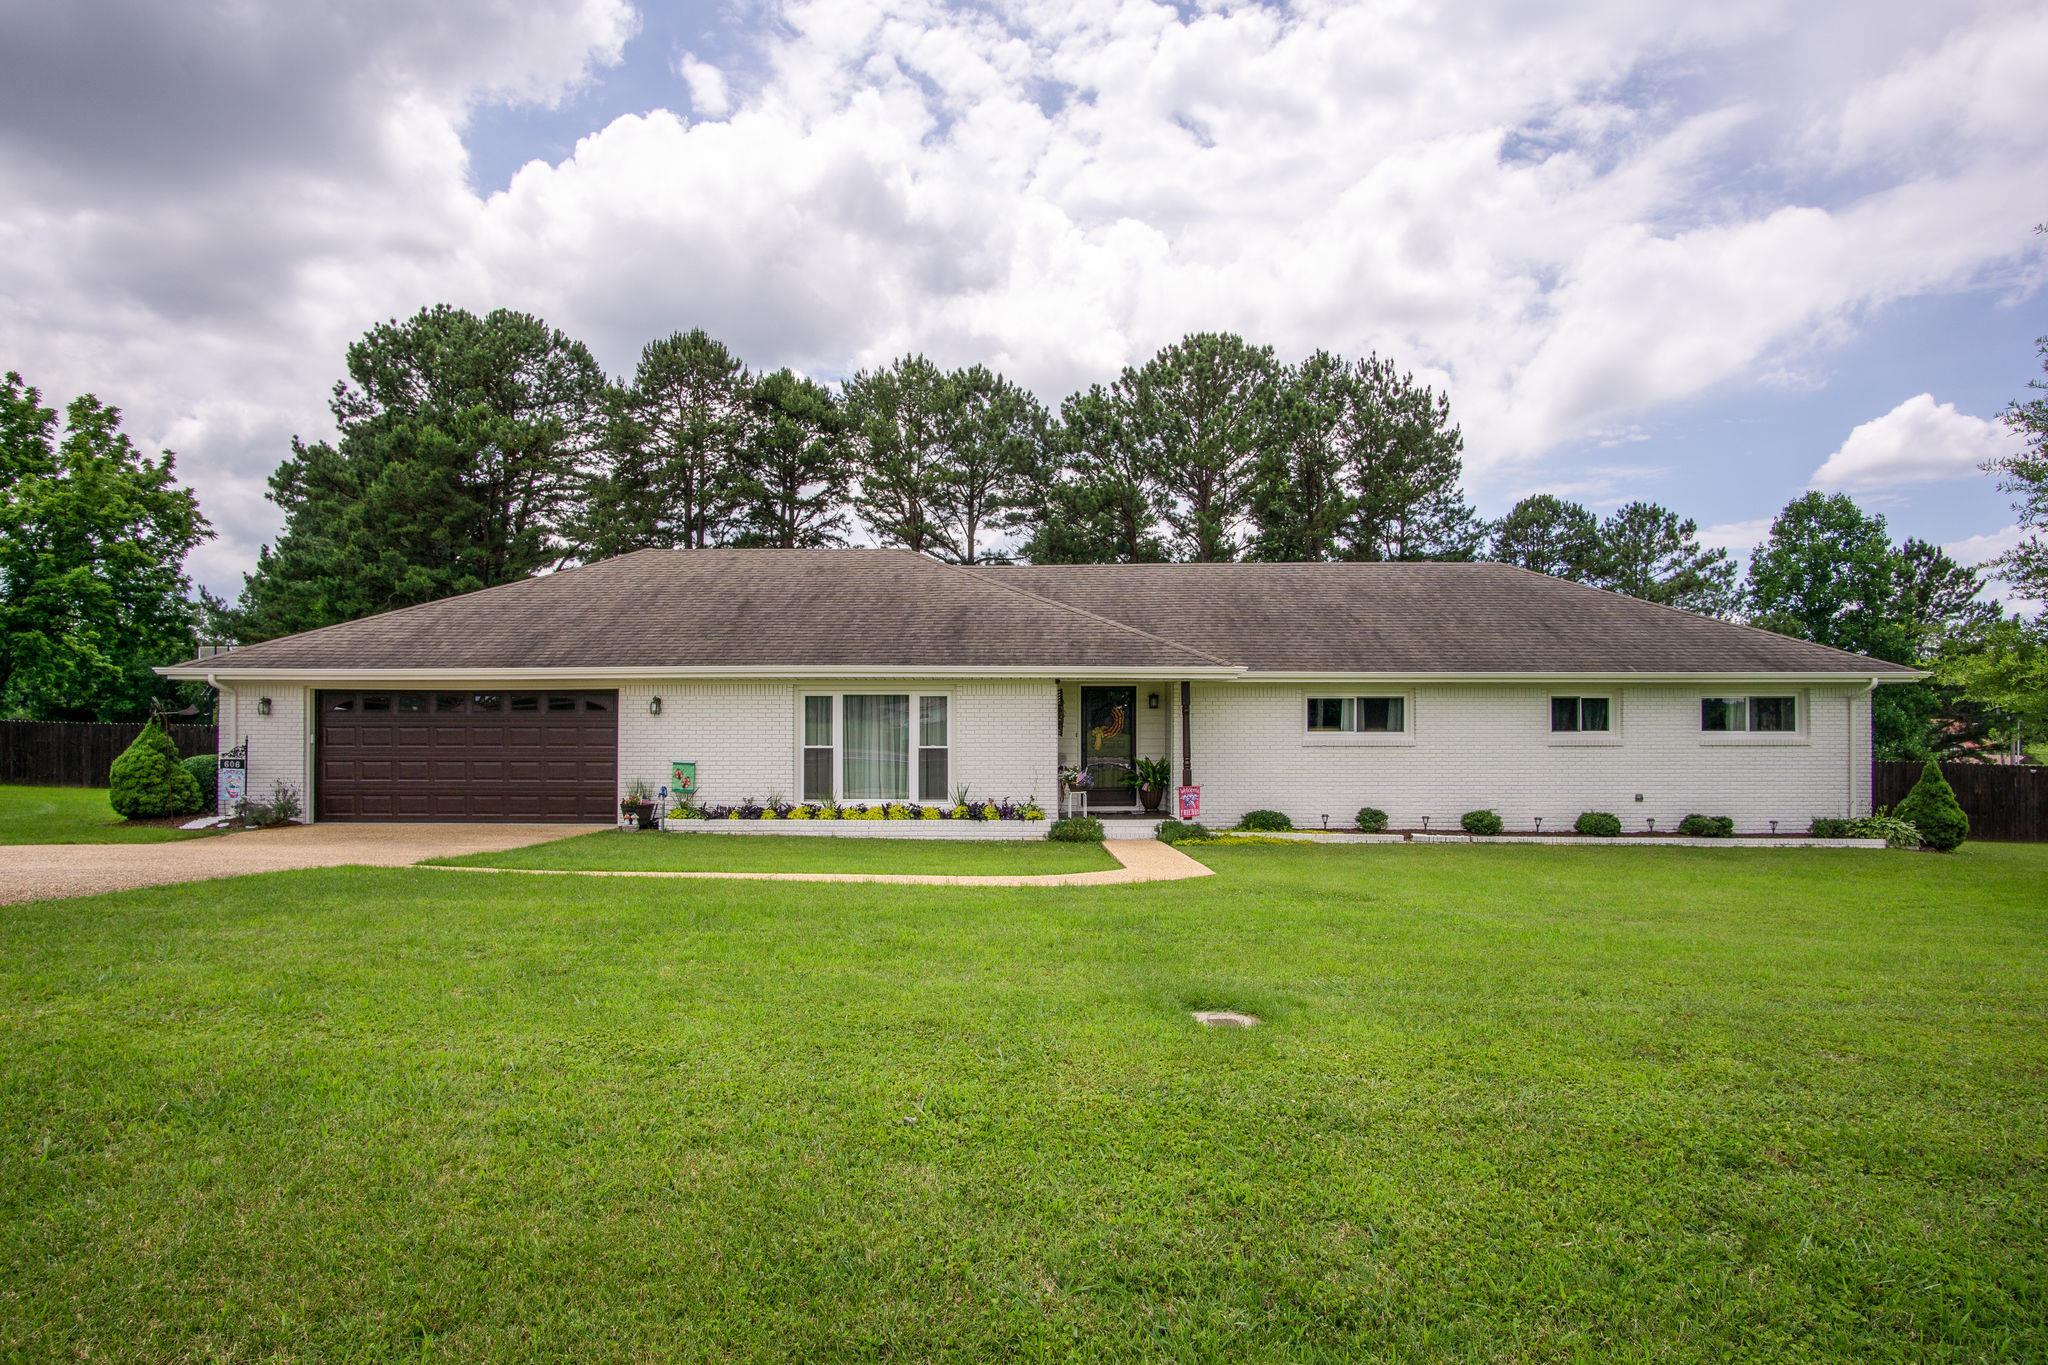 606 E Main St, Loretto, TN 38469 - Loretto, TN real estate listing